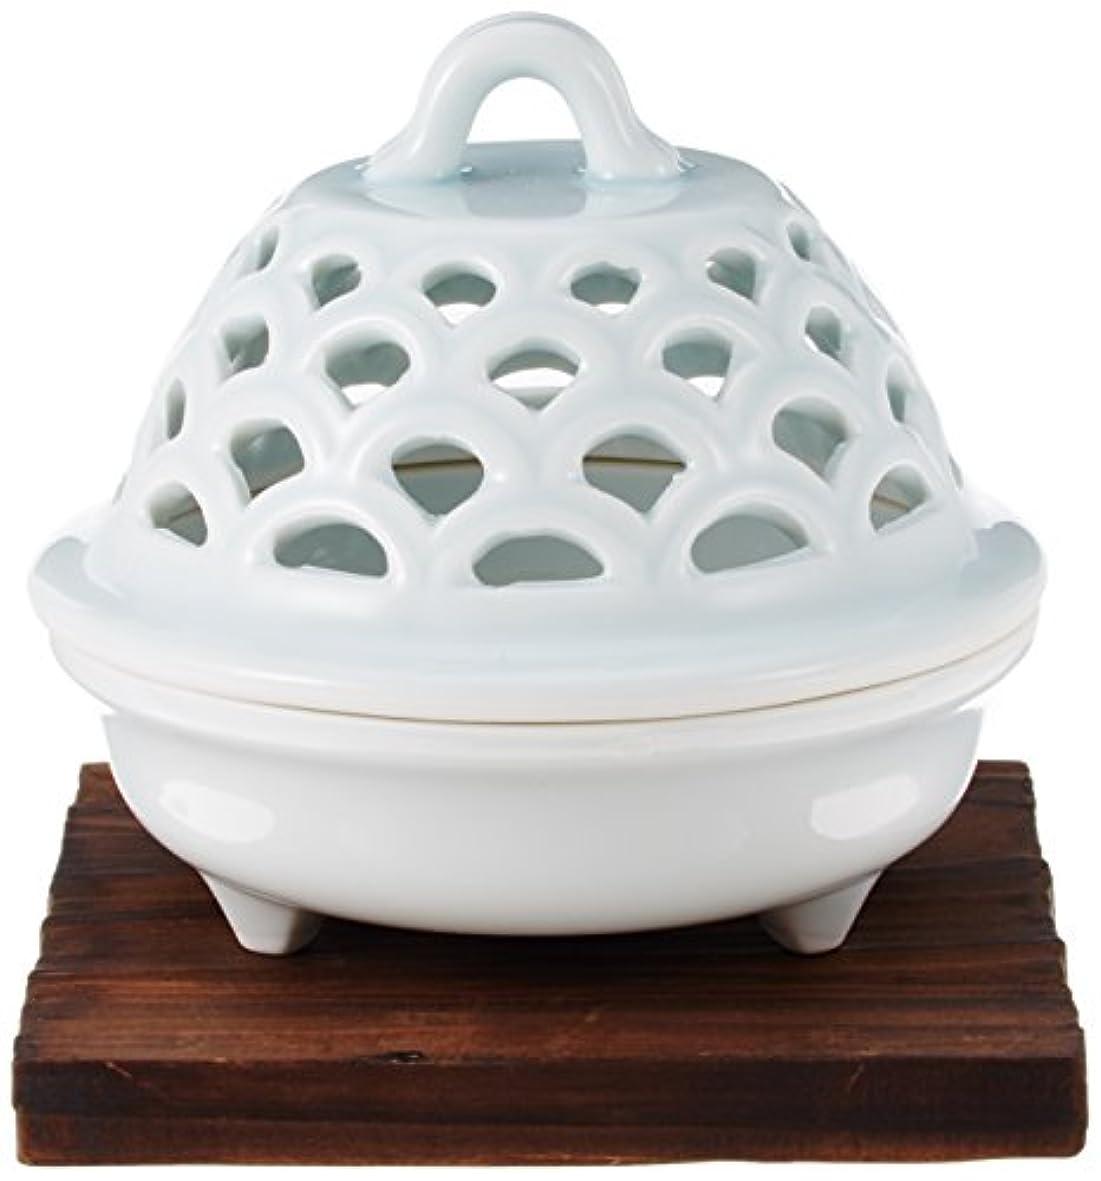 定説冷える悪党香炉 青磁 透し彫り 香炉 [R9.5xH9cm] プレゼント ギフト 和食器 かわいい インテリア